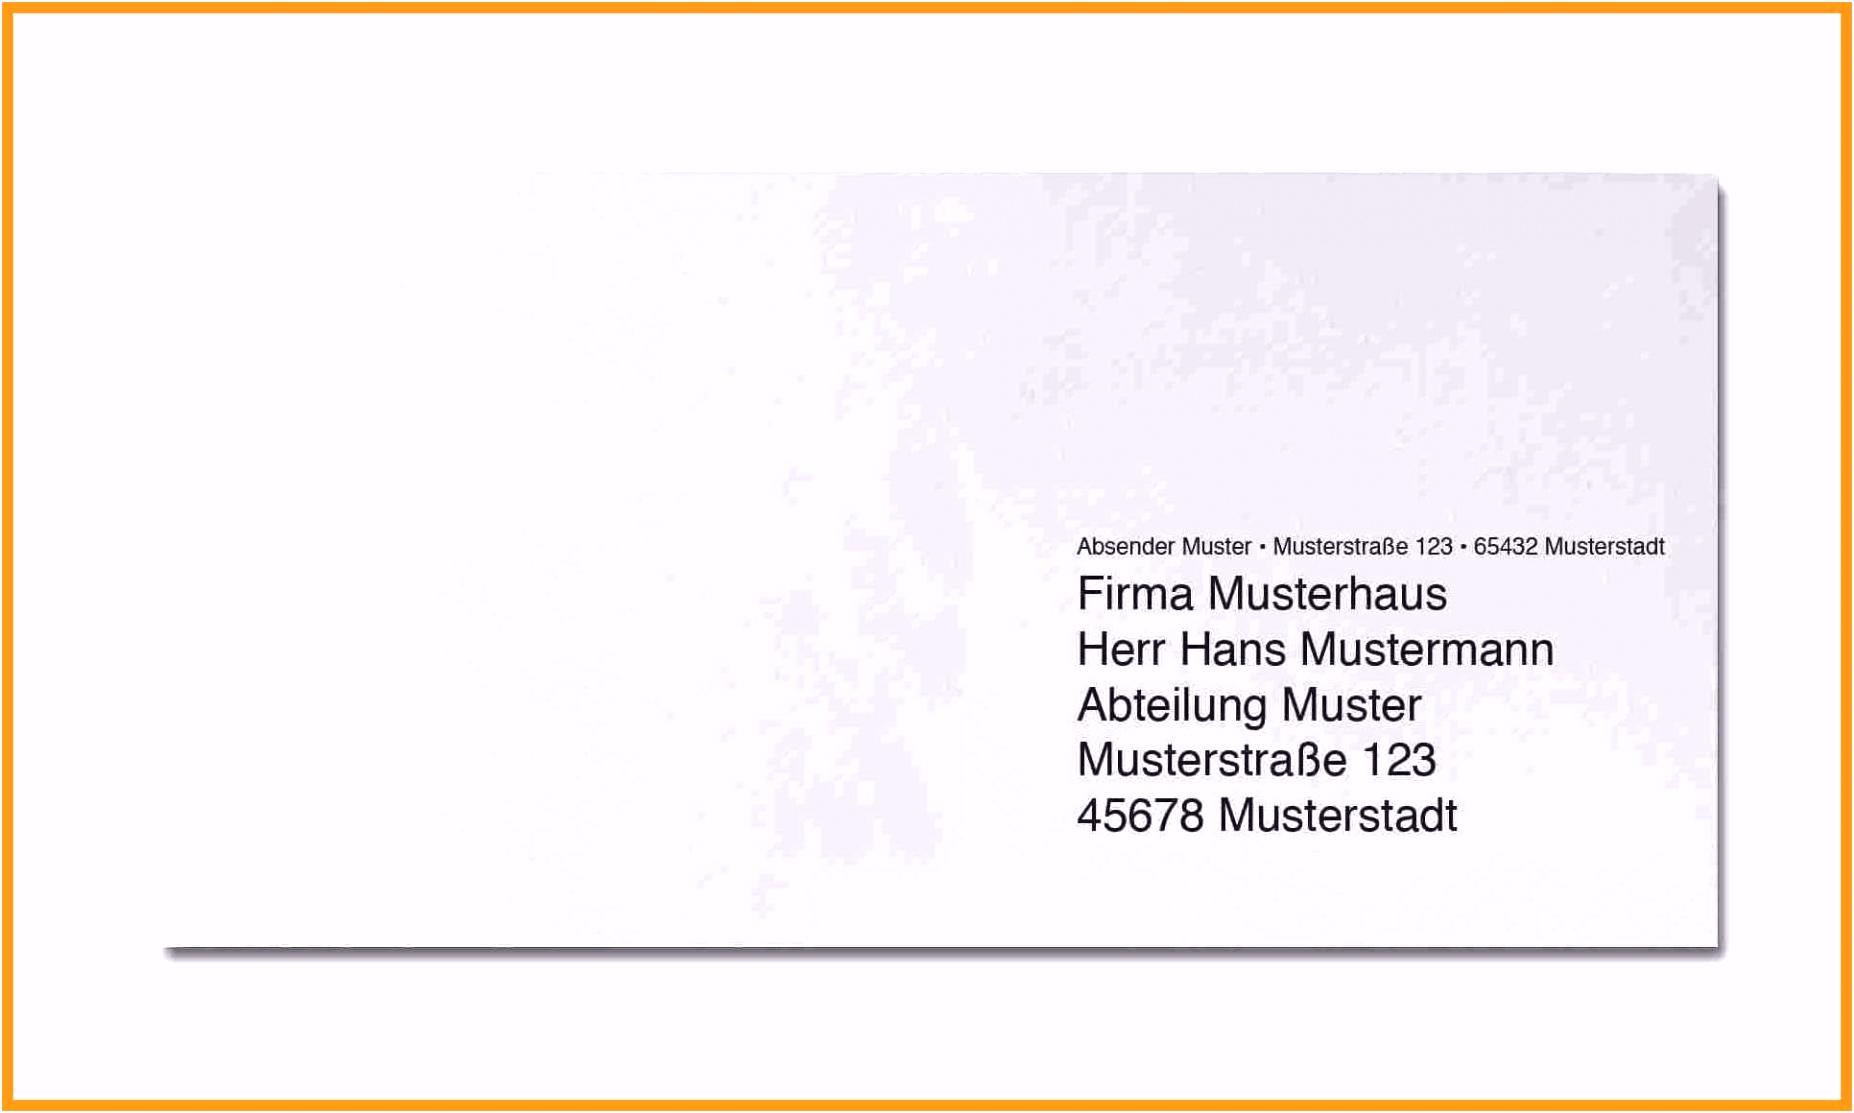 Briefumschlag Drucken Vorlage Einzigartiges Briefumschlag Vorlage Zum Ausdrucken I1tr74jsa5 D6uw54uktu